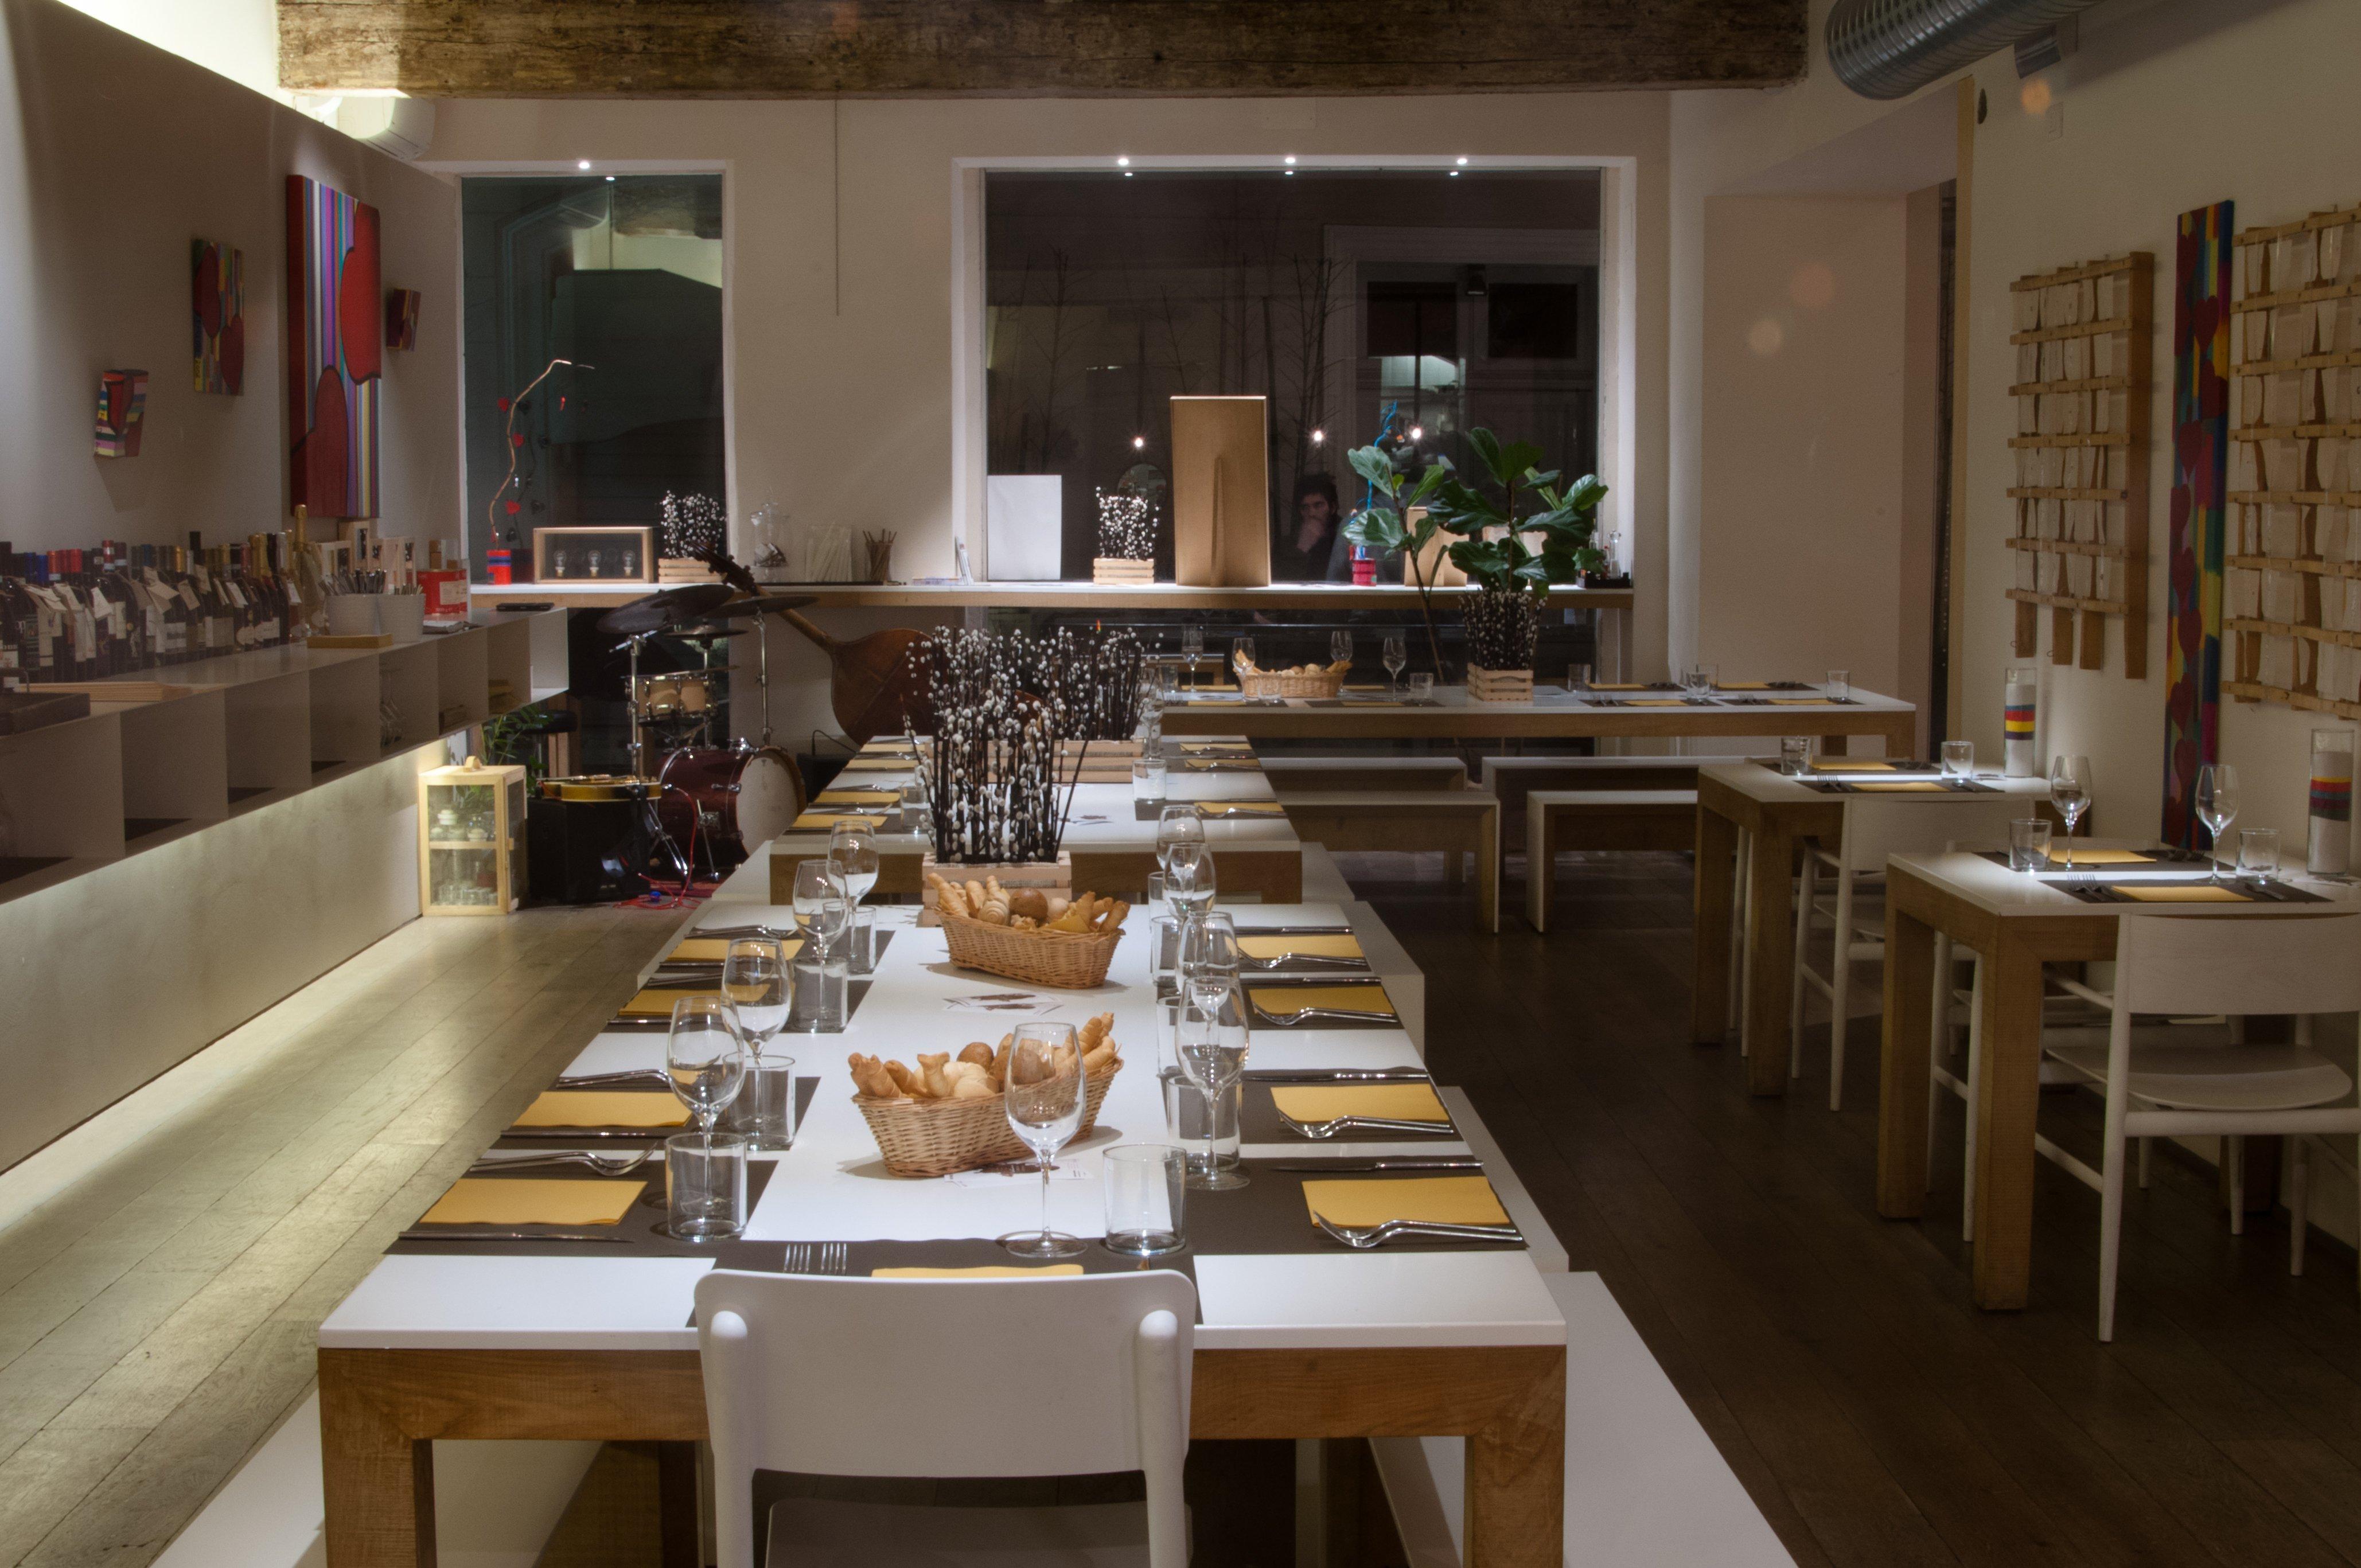 Ristorante - Mantova - La Cucina